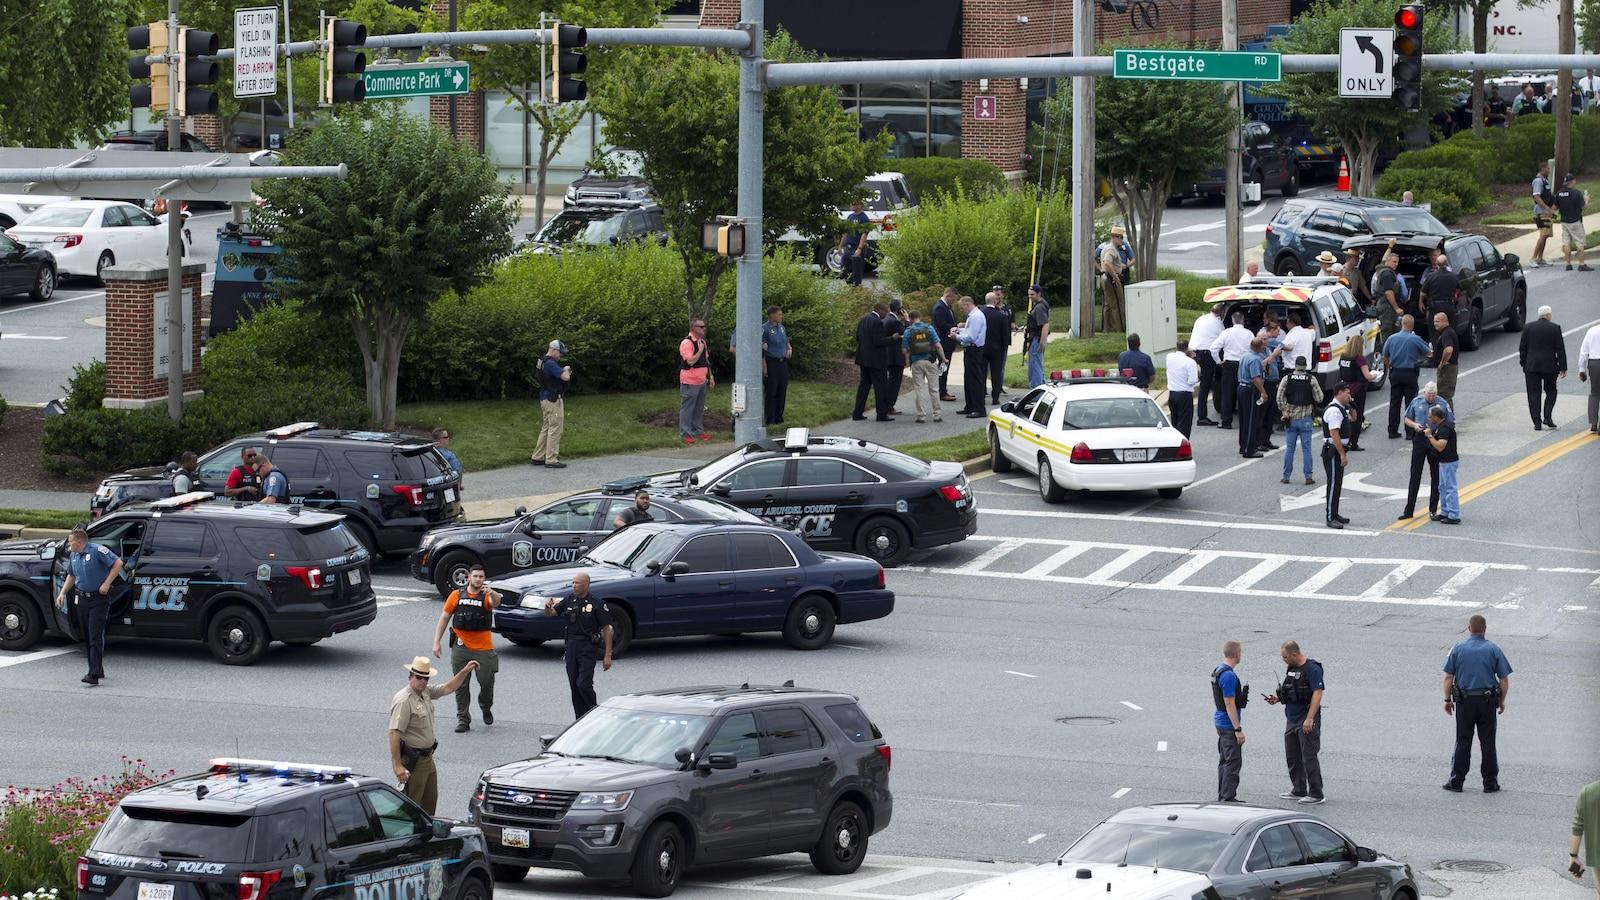 Des véhicules de police et d'urgence sont déployés à l'intersection où sont situés les bureaux du « Capital Gazette » à Annapolis, au Maryland.